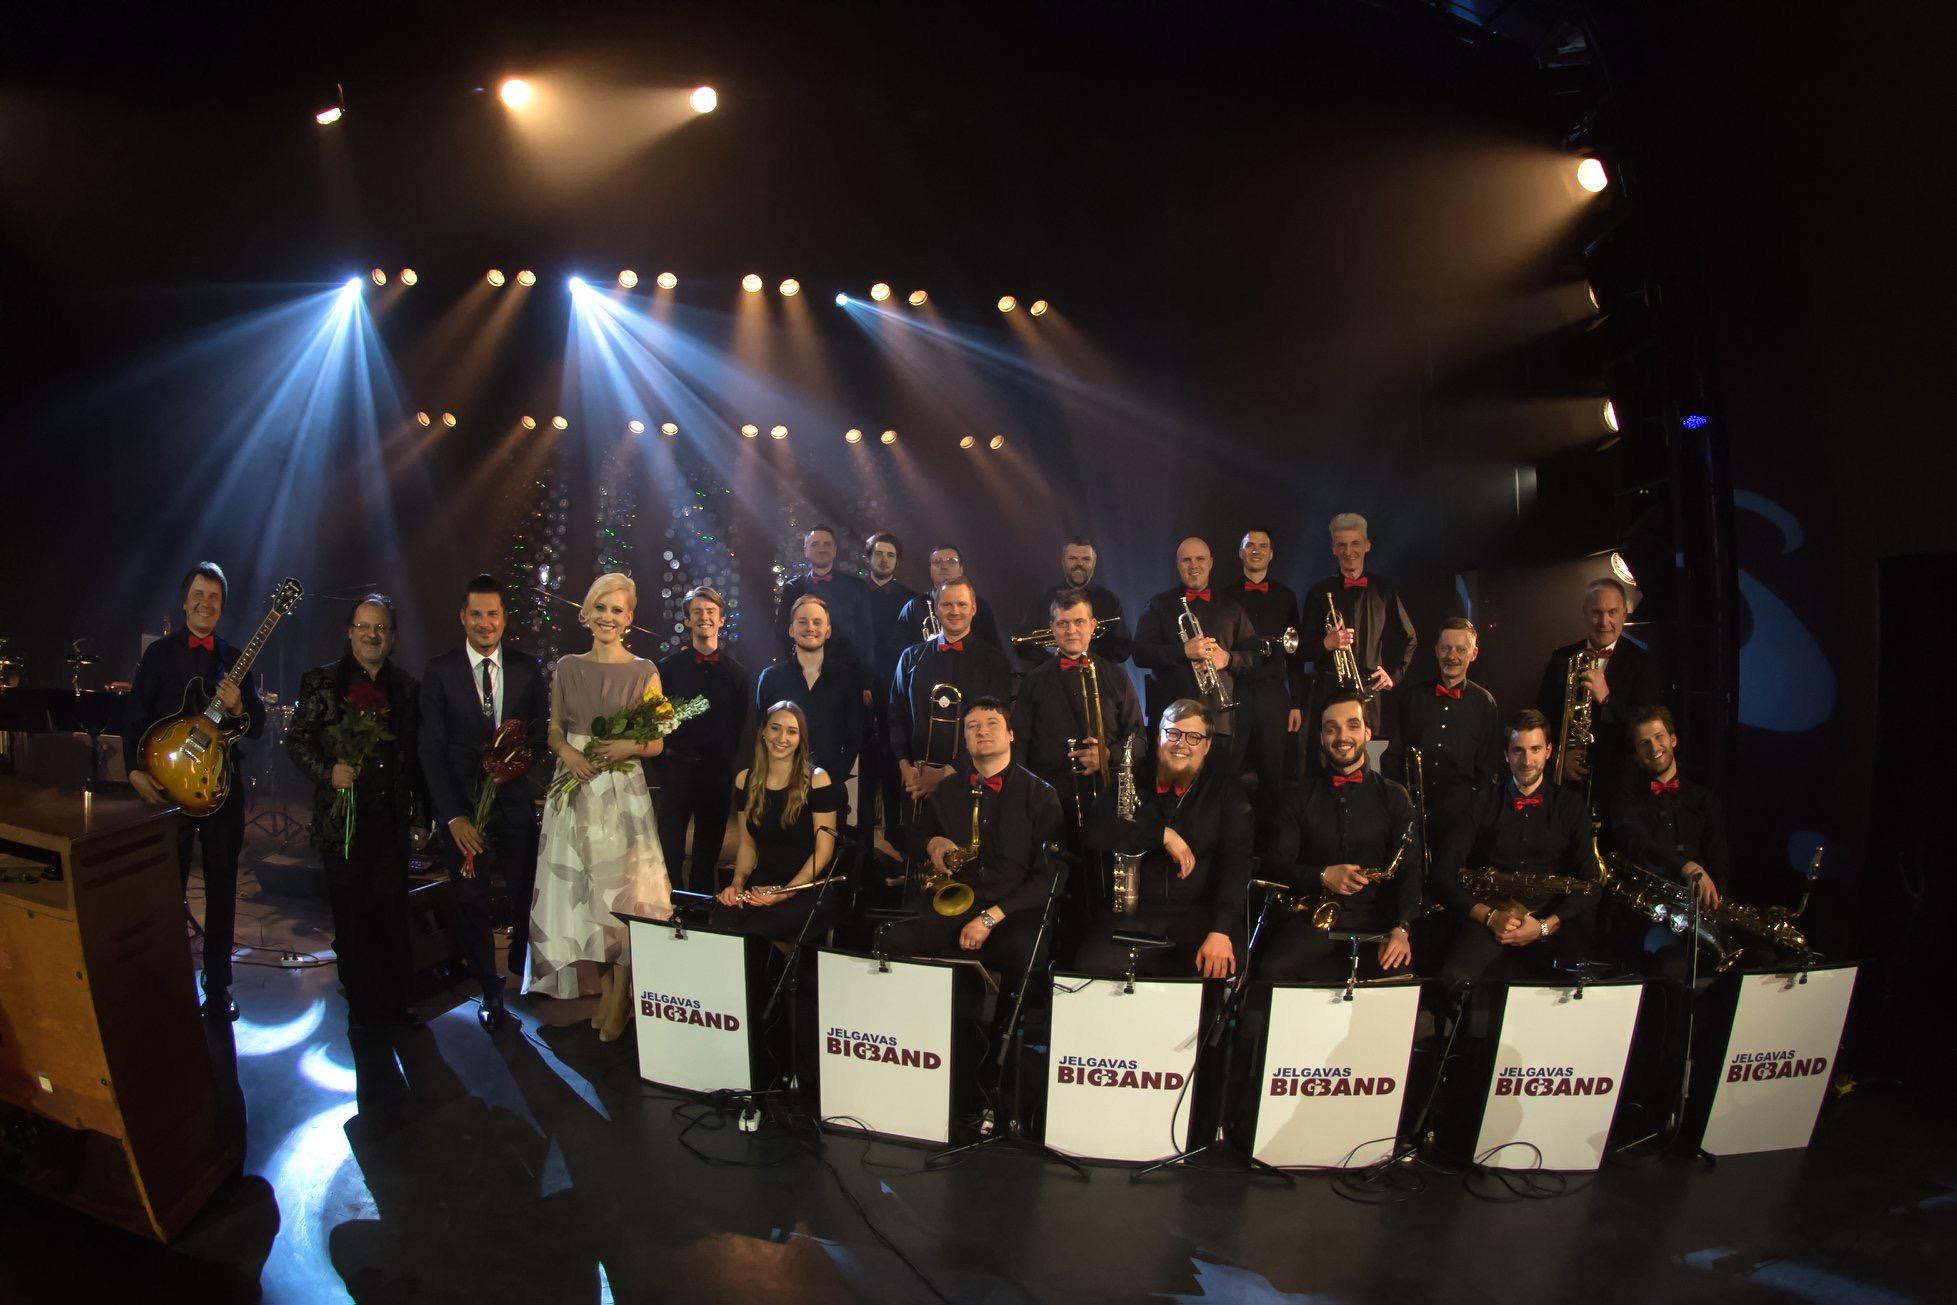 Jelgavas Big Band